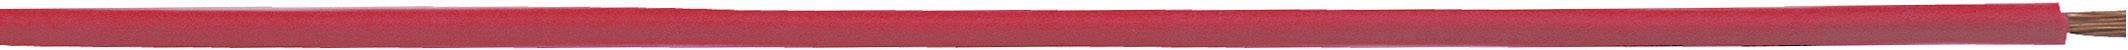 Opletenie / lanko LappKabel 4510002 H05V-K, 1 x 0.75 mm², vonkajší Ø 2.40 mm, 100 m, zelenožltá